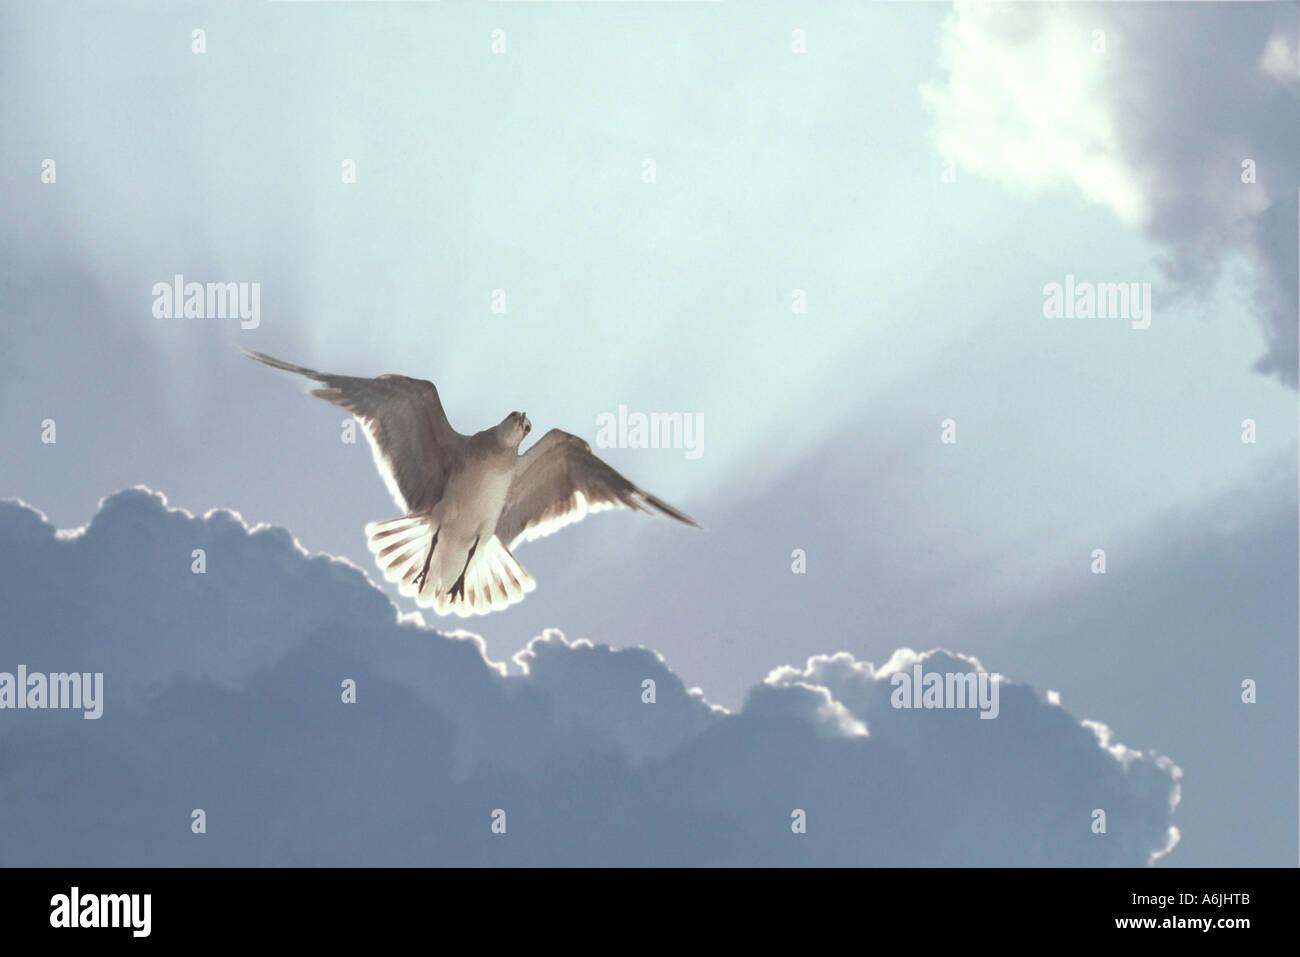 Mouette planant dans ciel avec les rayons du soleil et nuages derrière Photo Stock